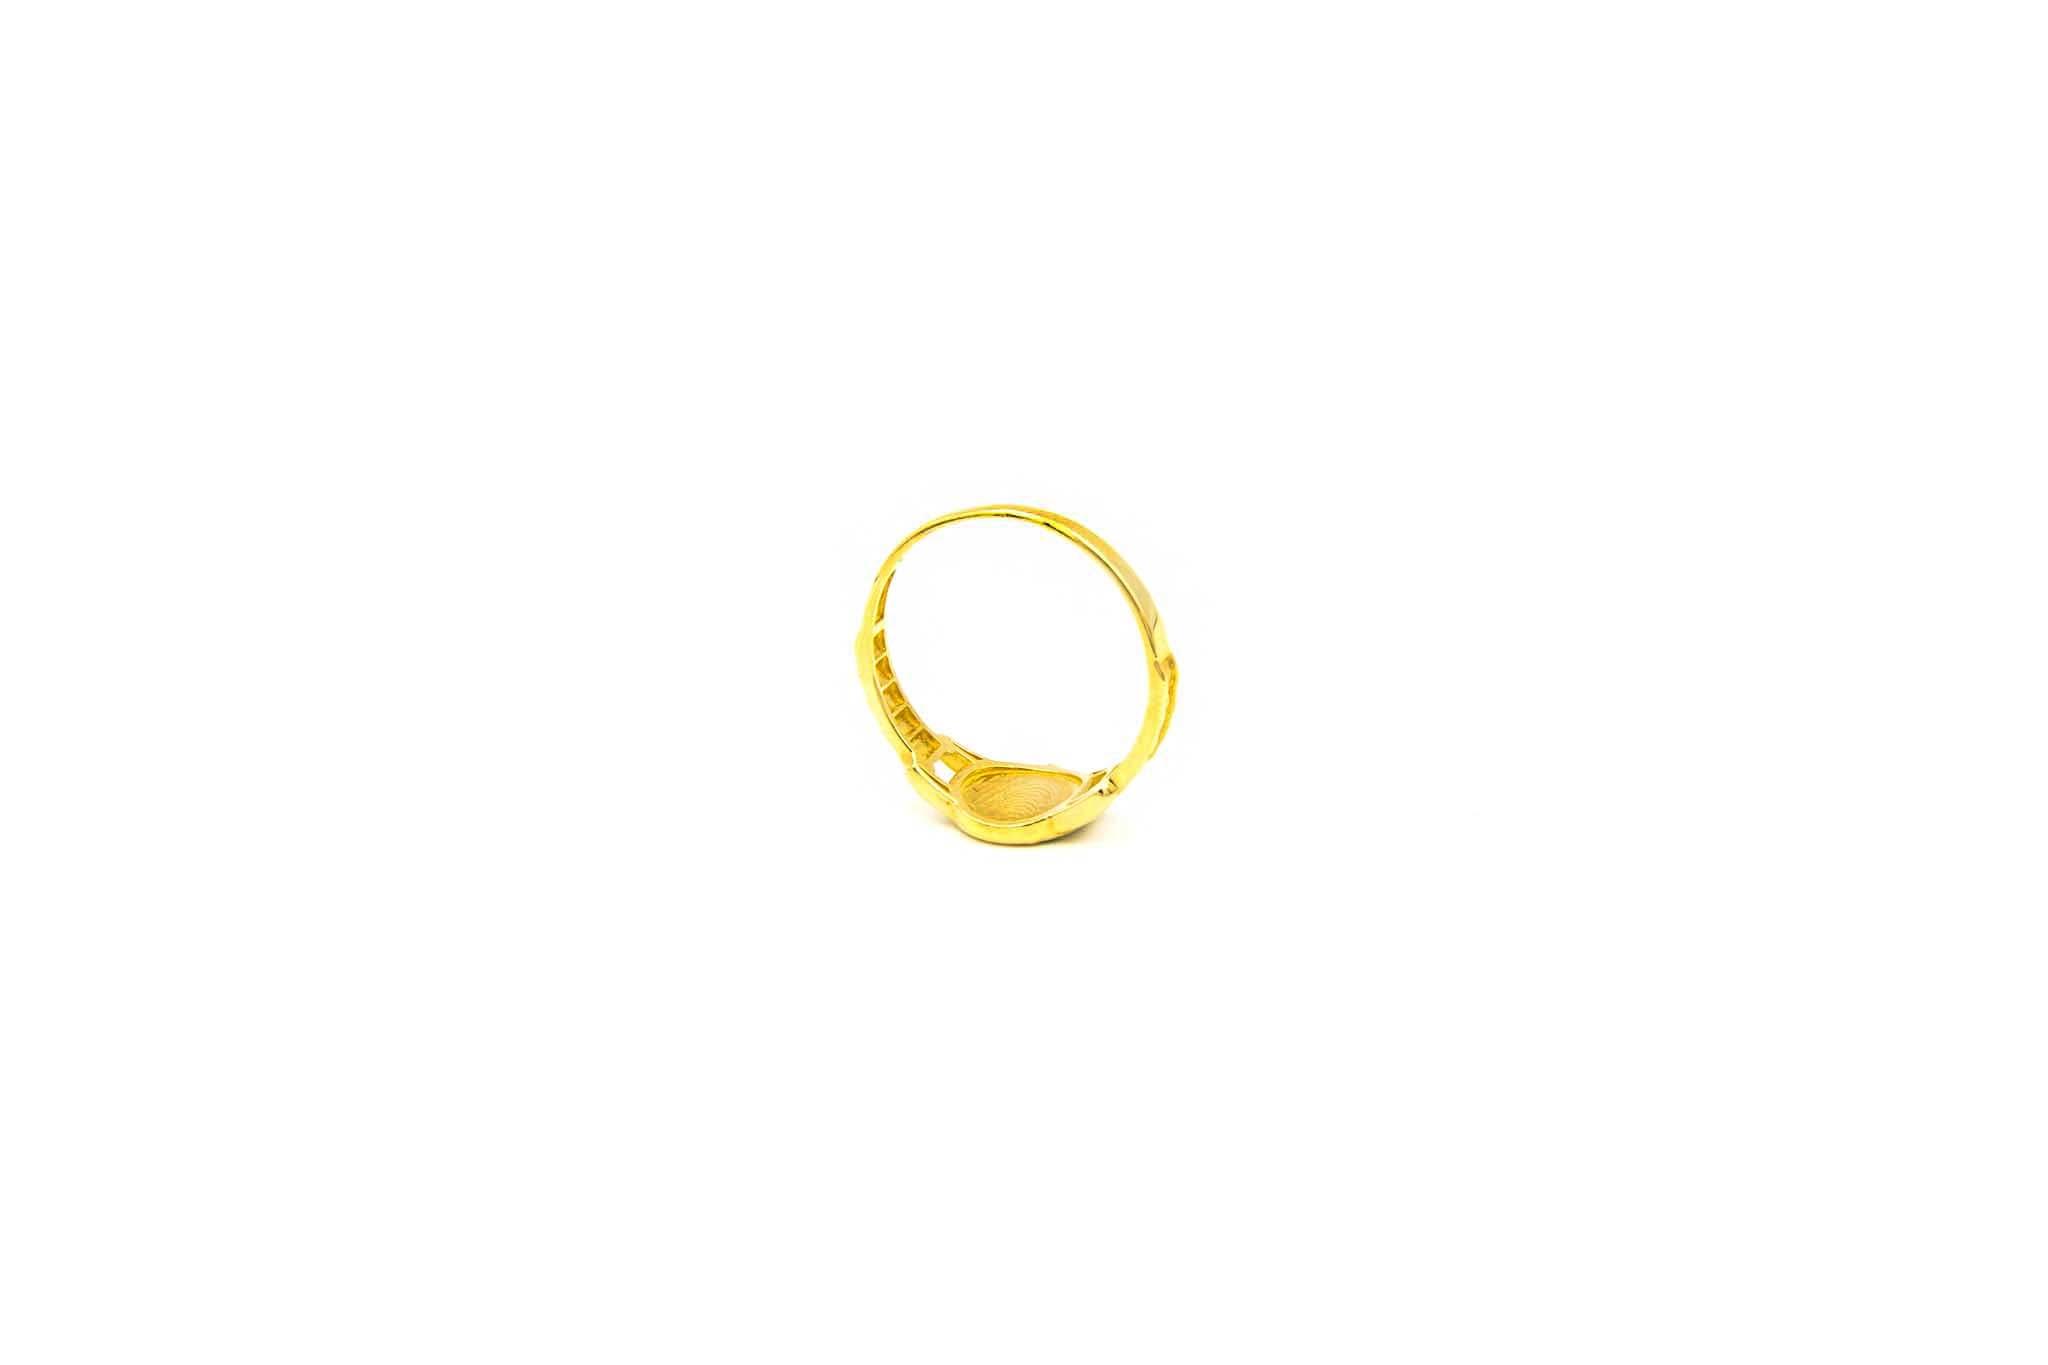 Ring horloge met gekleurde wijzerplaat-5